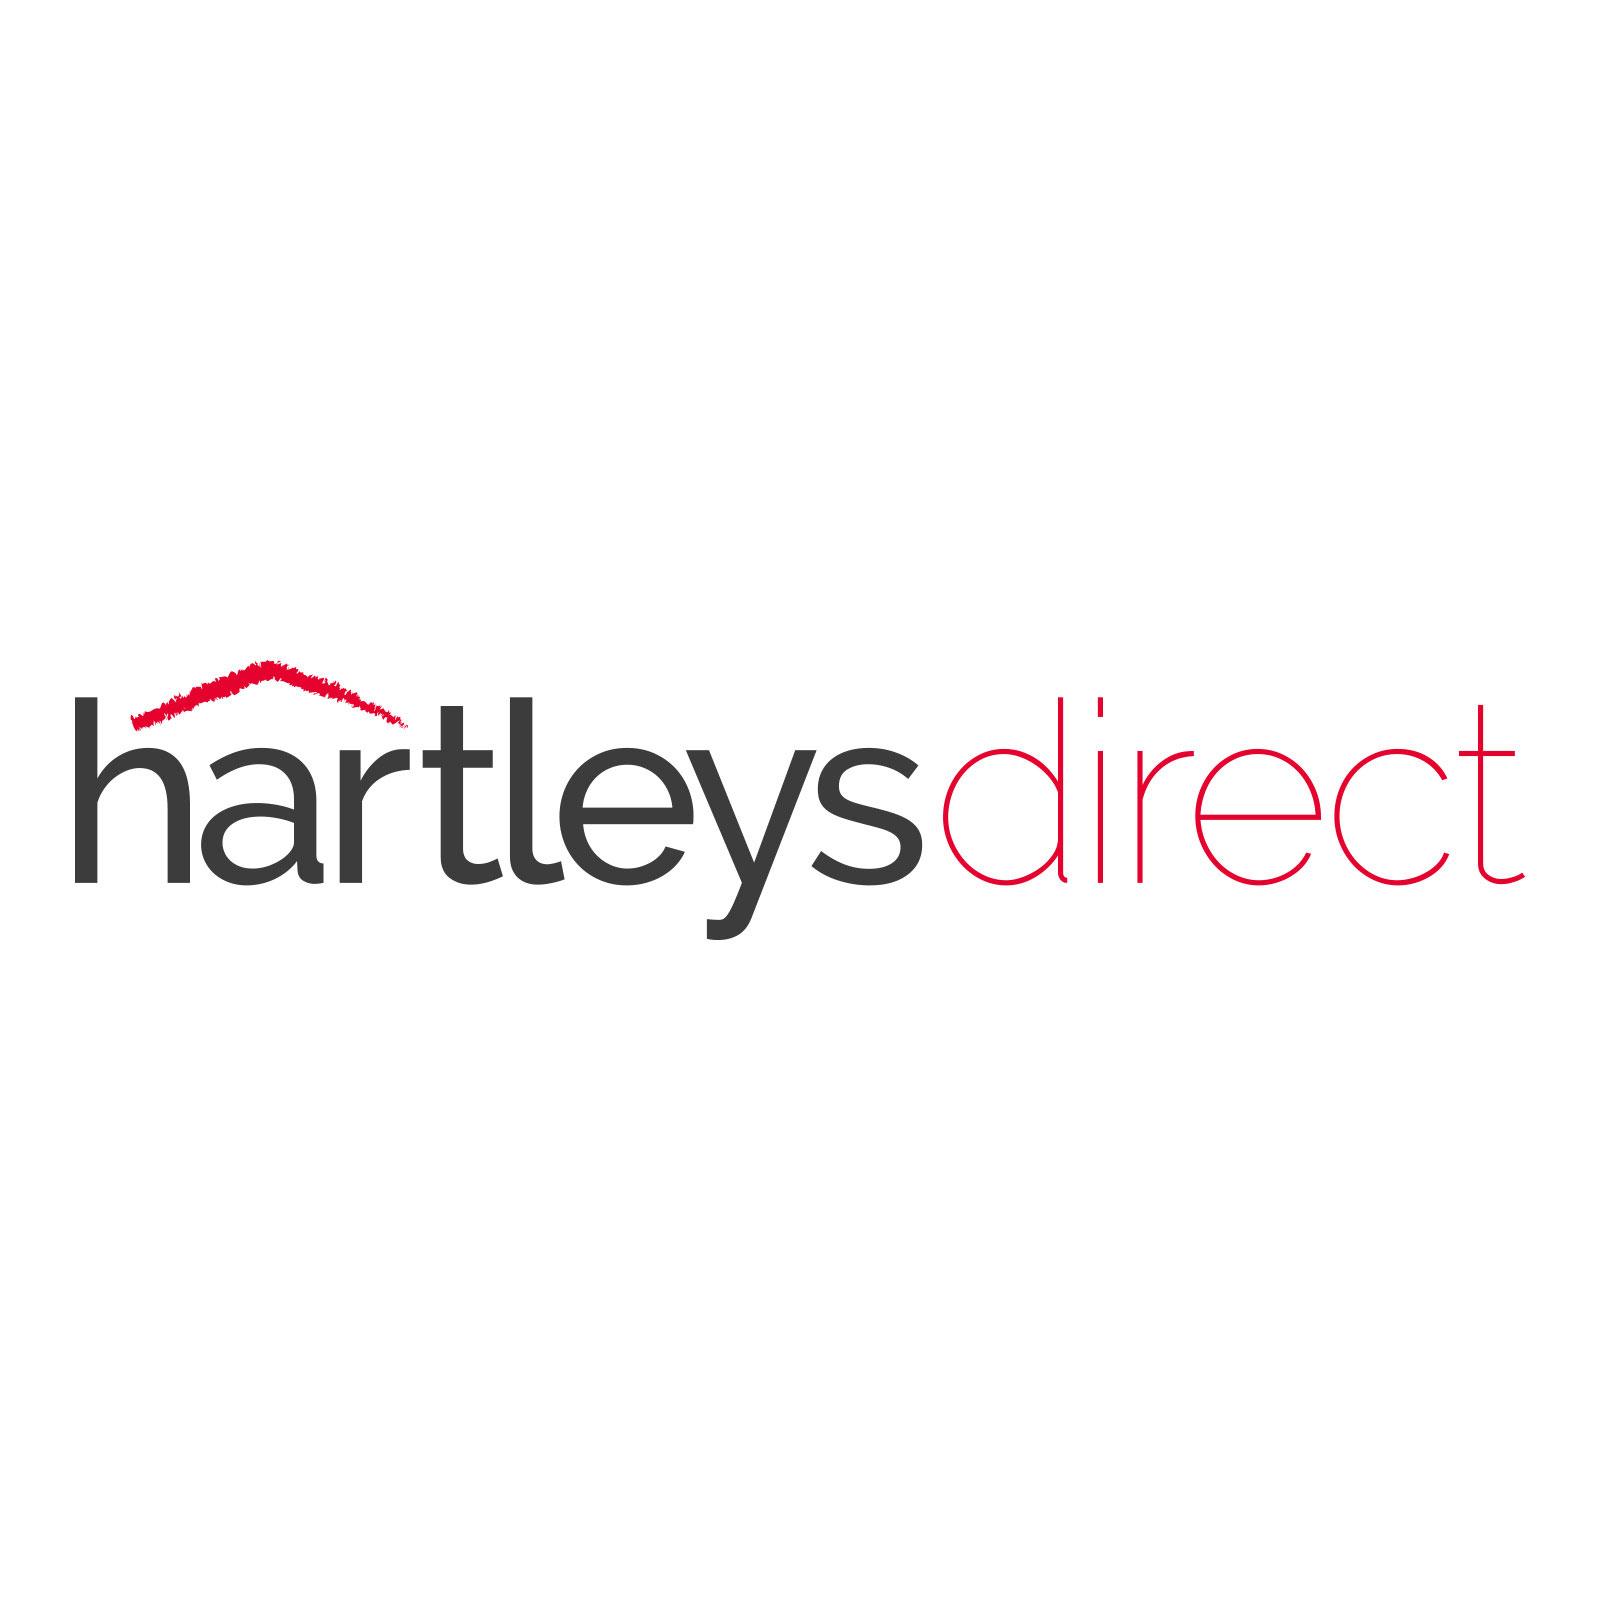 Hartleys-30l-Steel-Recycling-Bin-on-White-Background.jpg